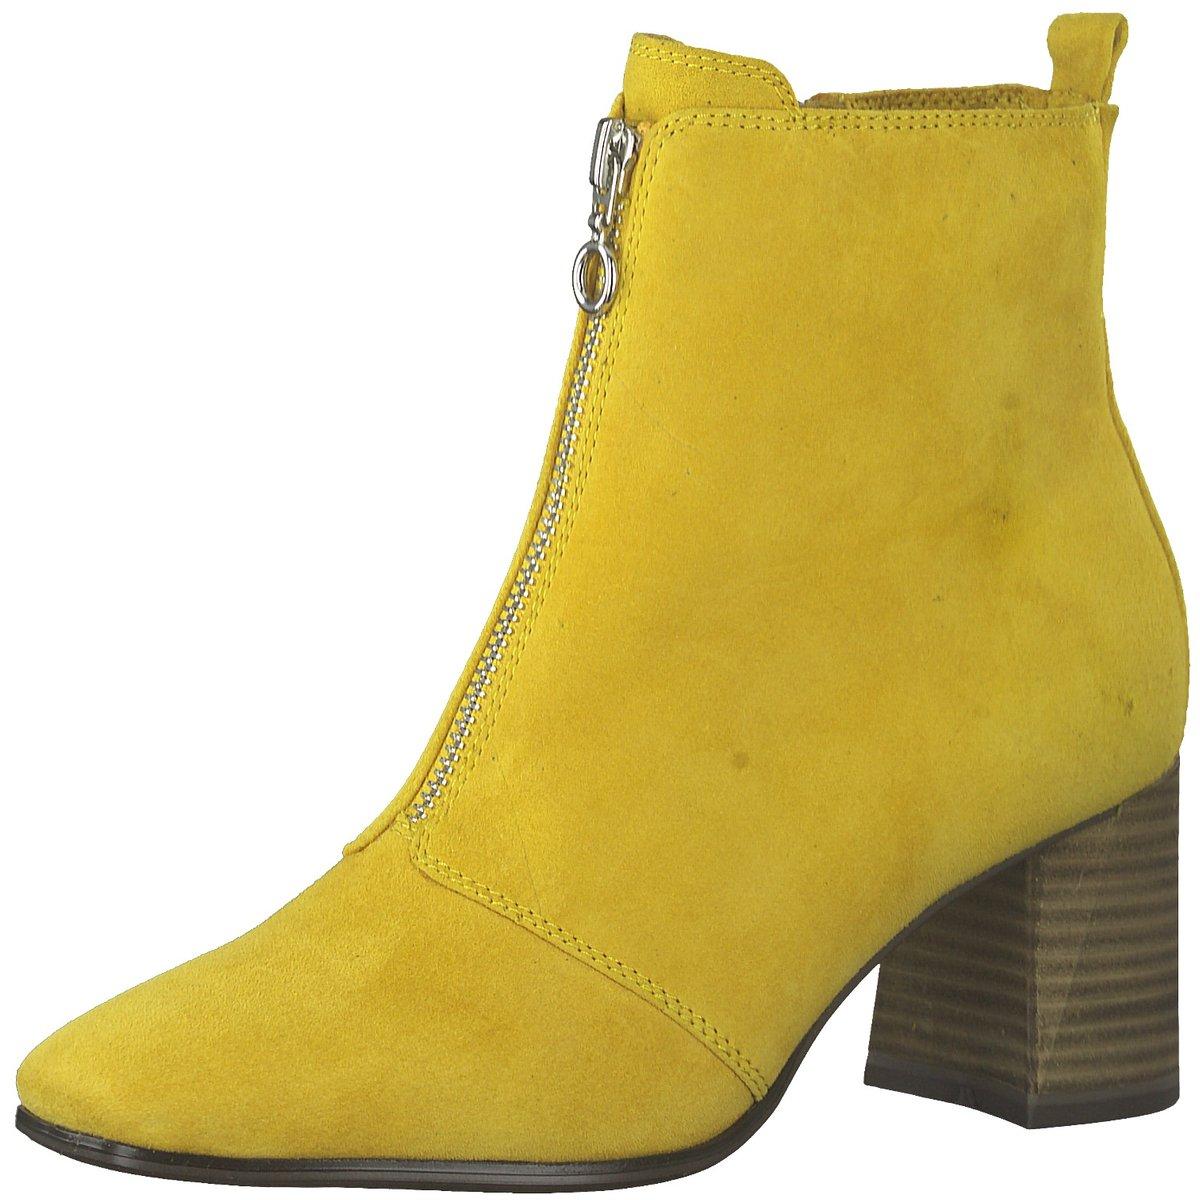 Details zu Tamaris Damen Stiefeletten Da. Stiefel 1 1 25967 33 651 gelb 750585